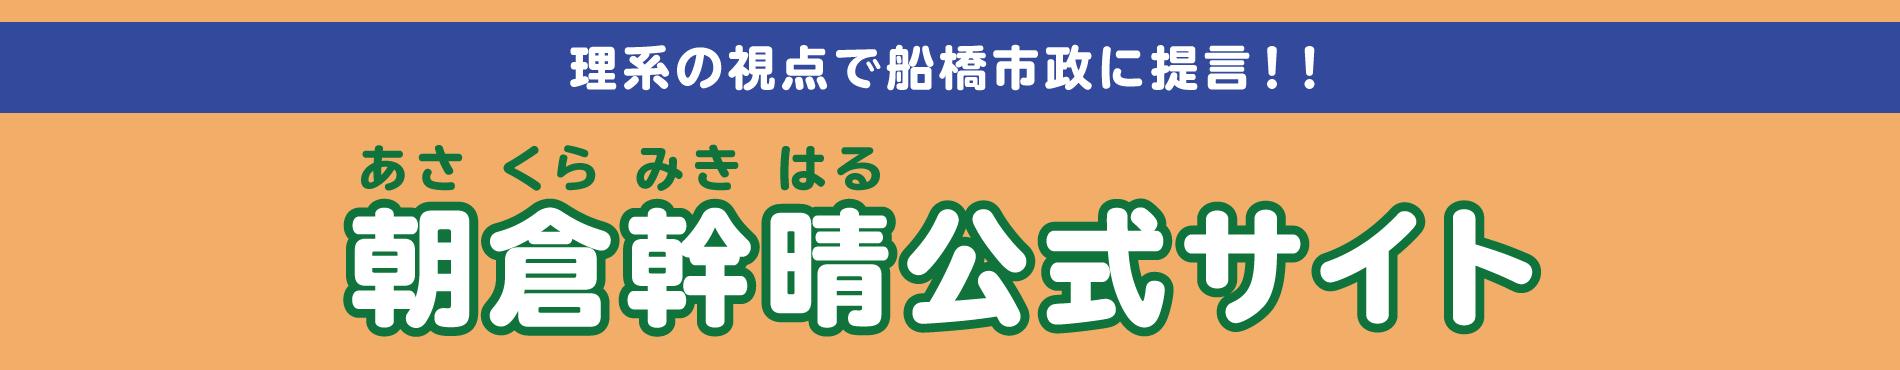 朝倉幹晴公式サイト